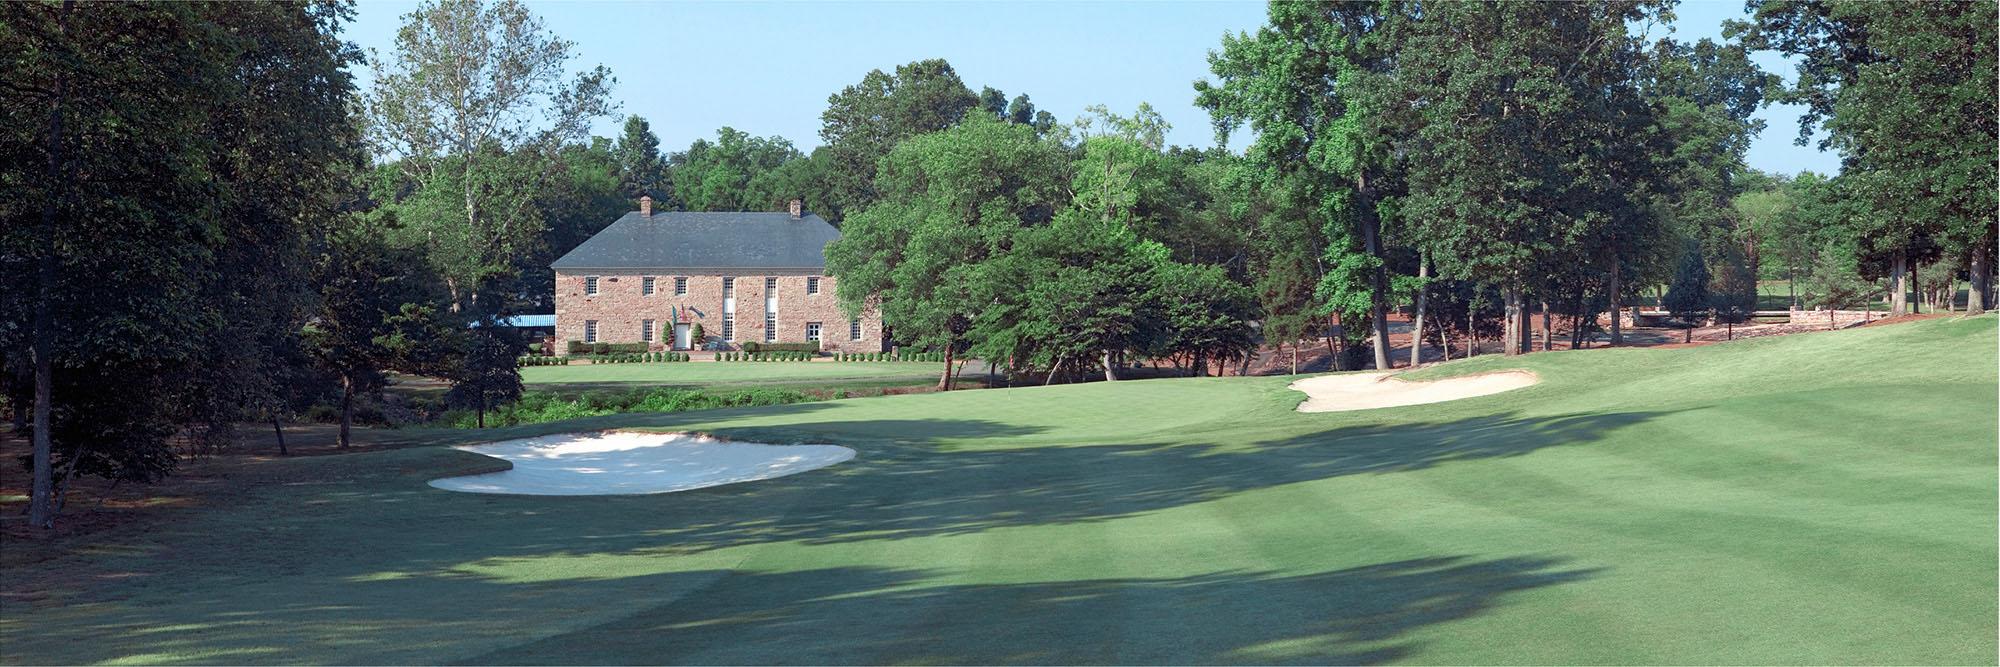 Foundry Golf Club